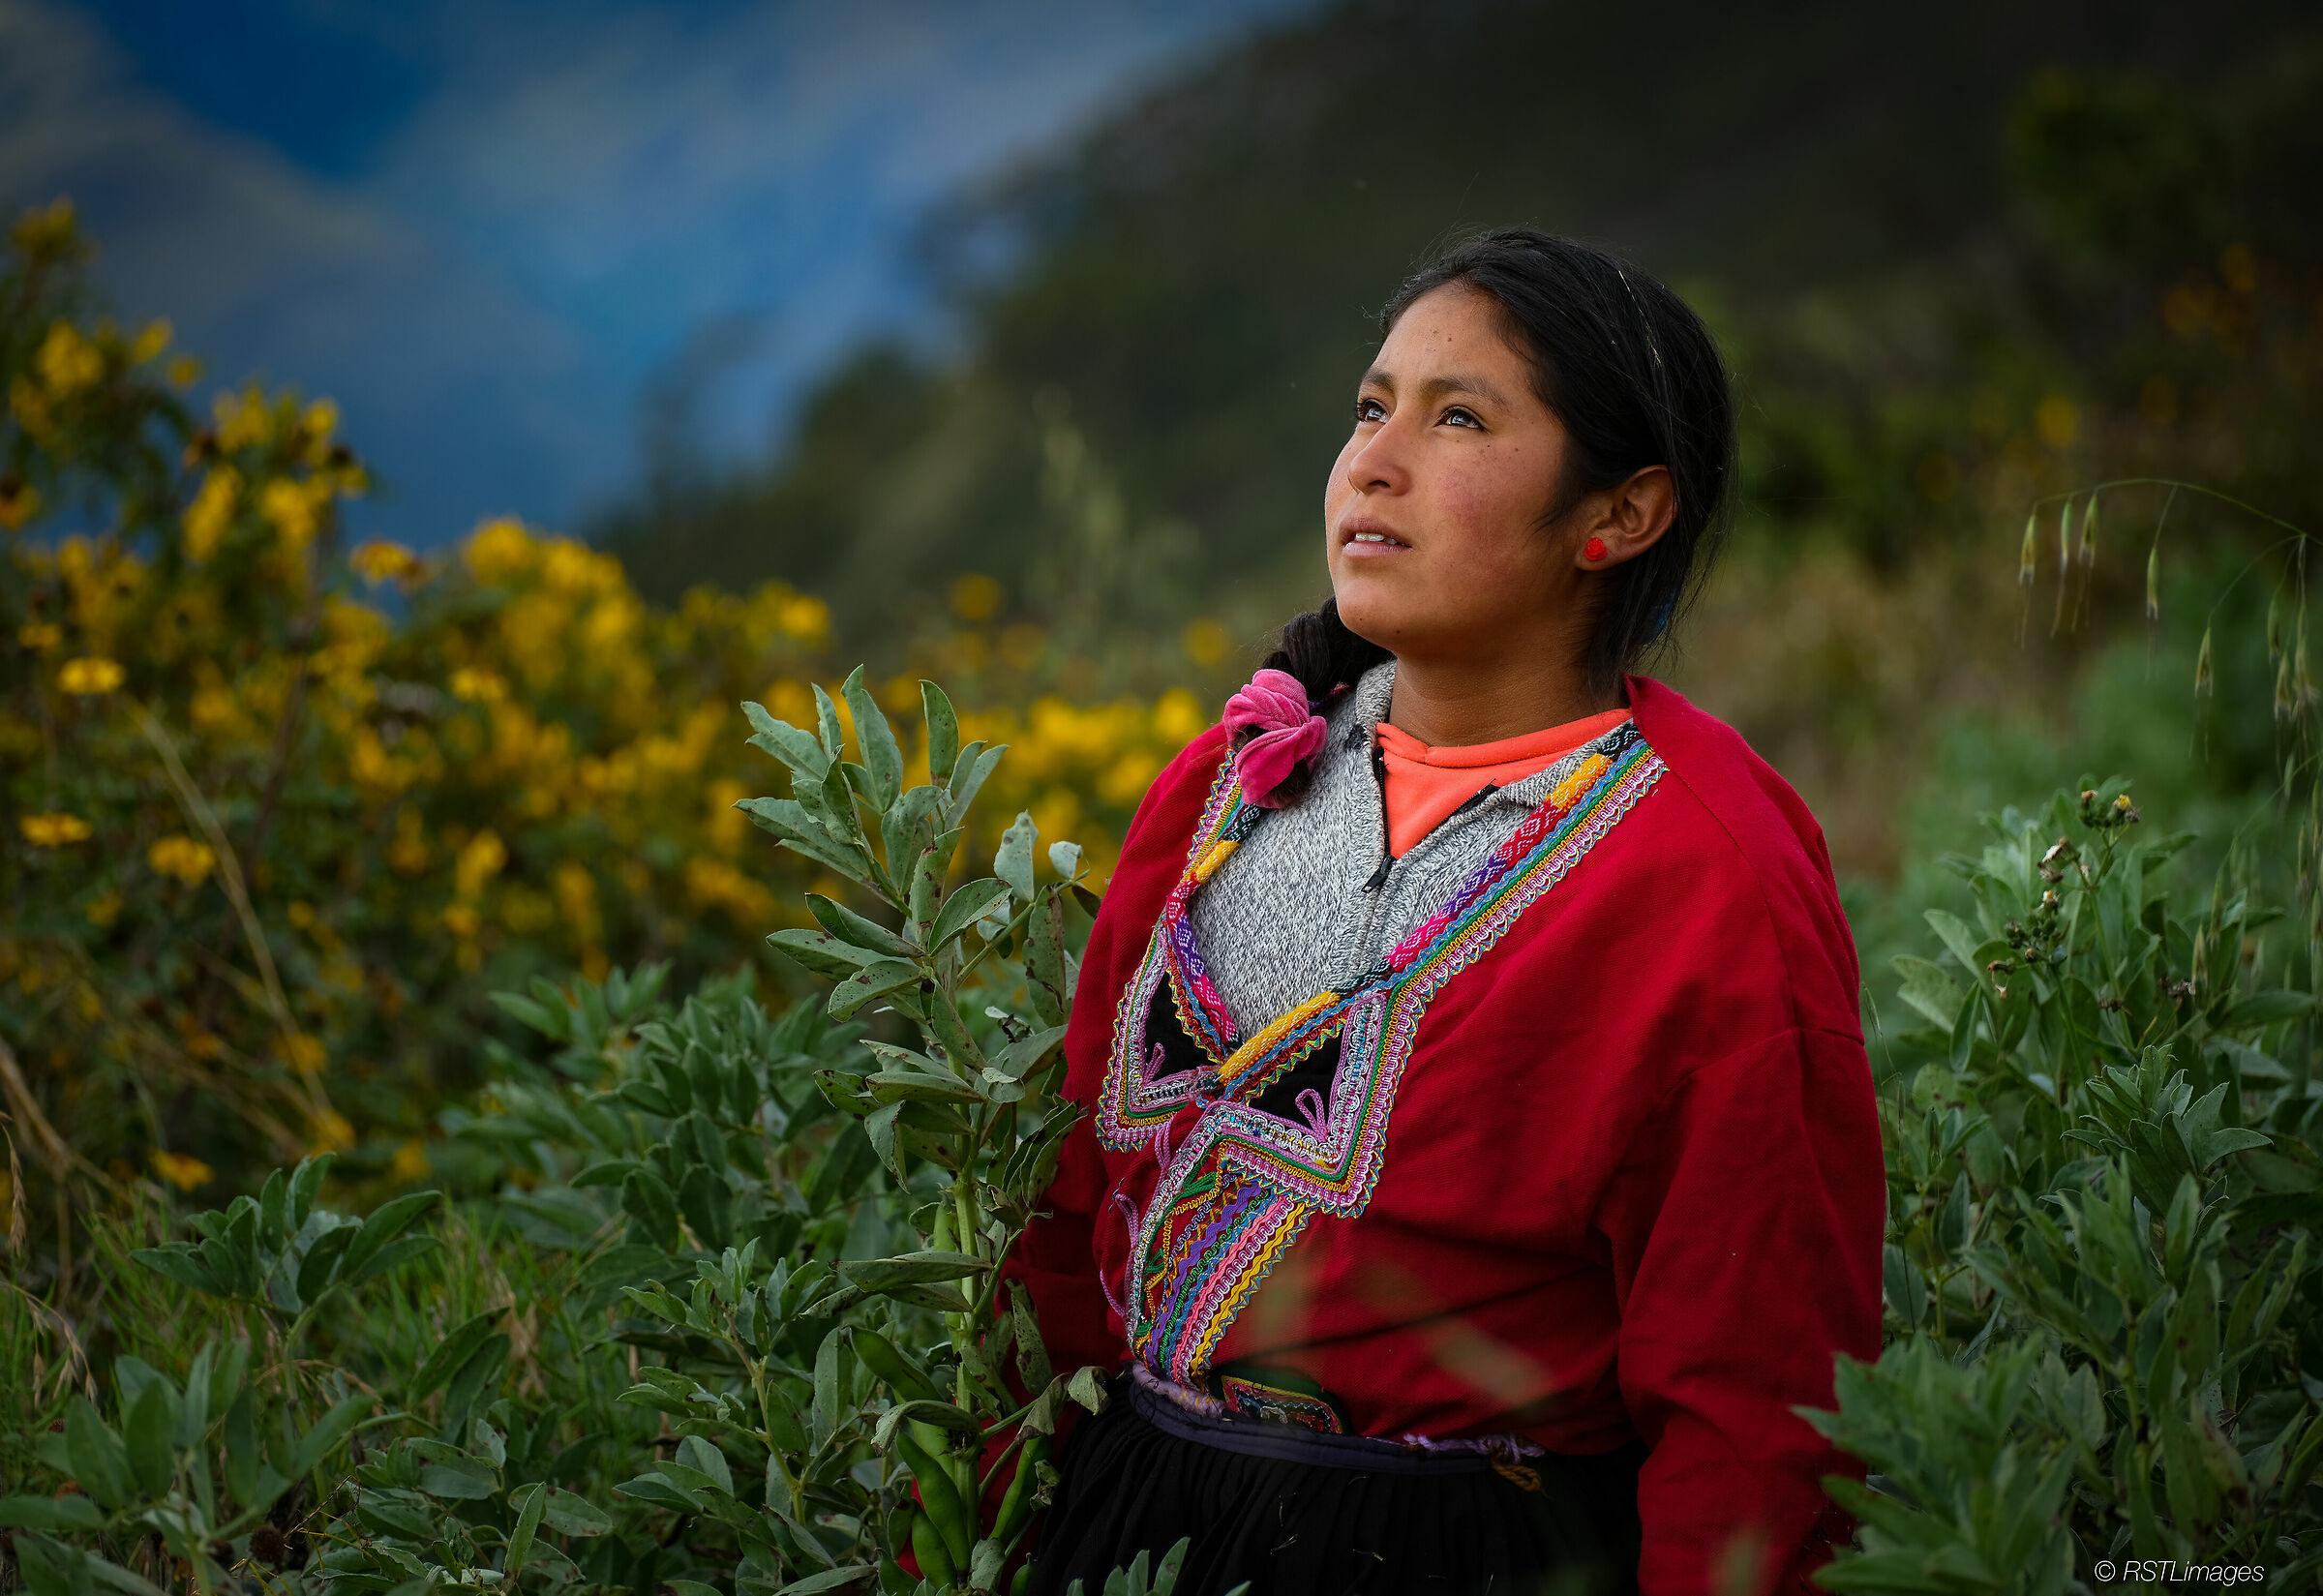 Peruvian Girl...